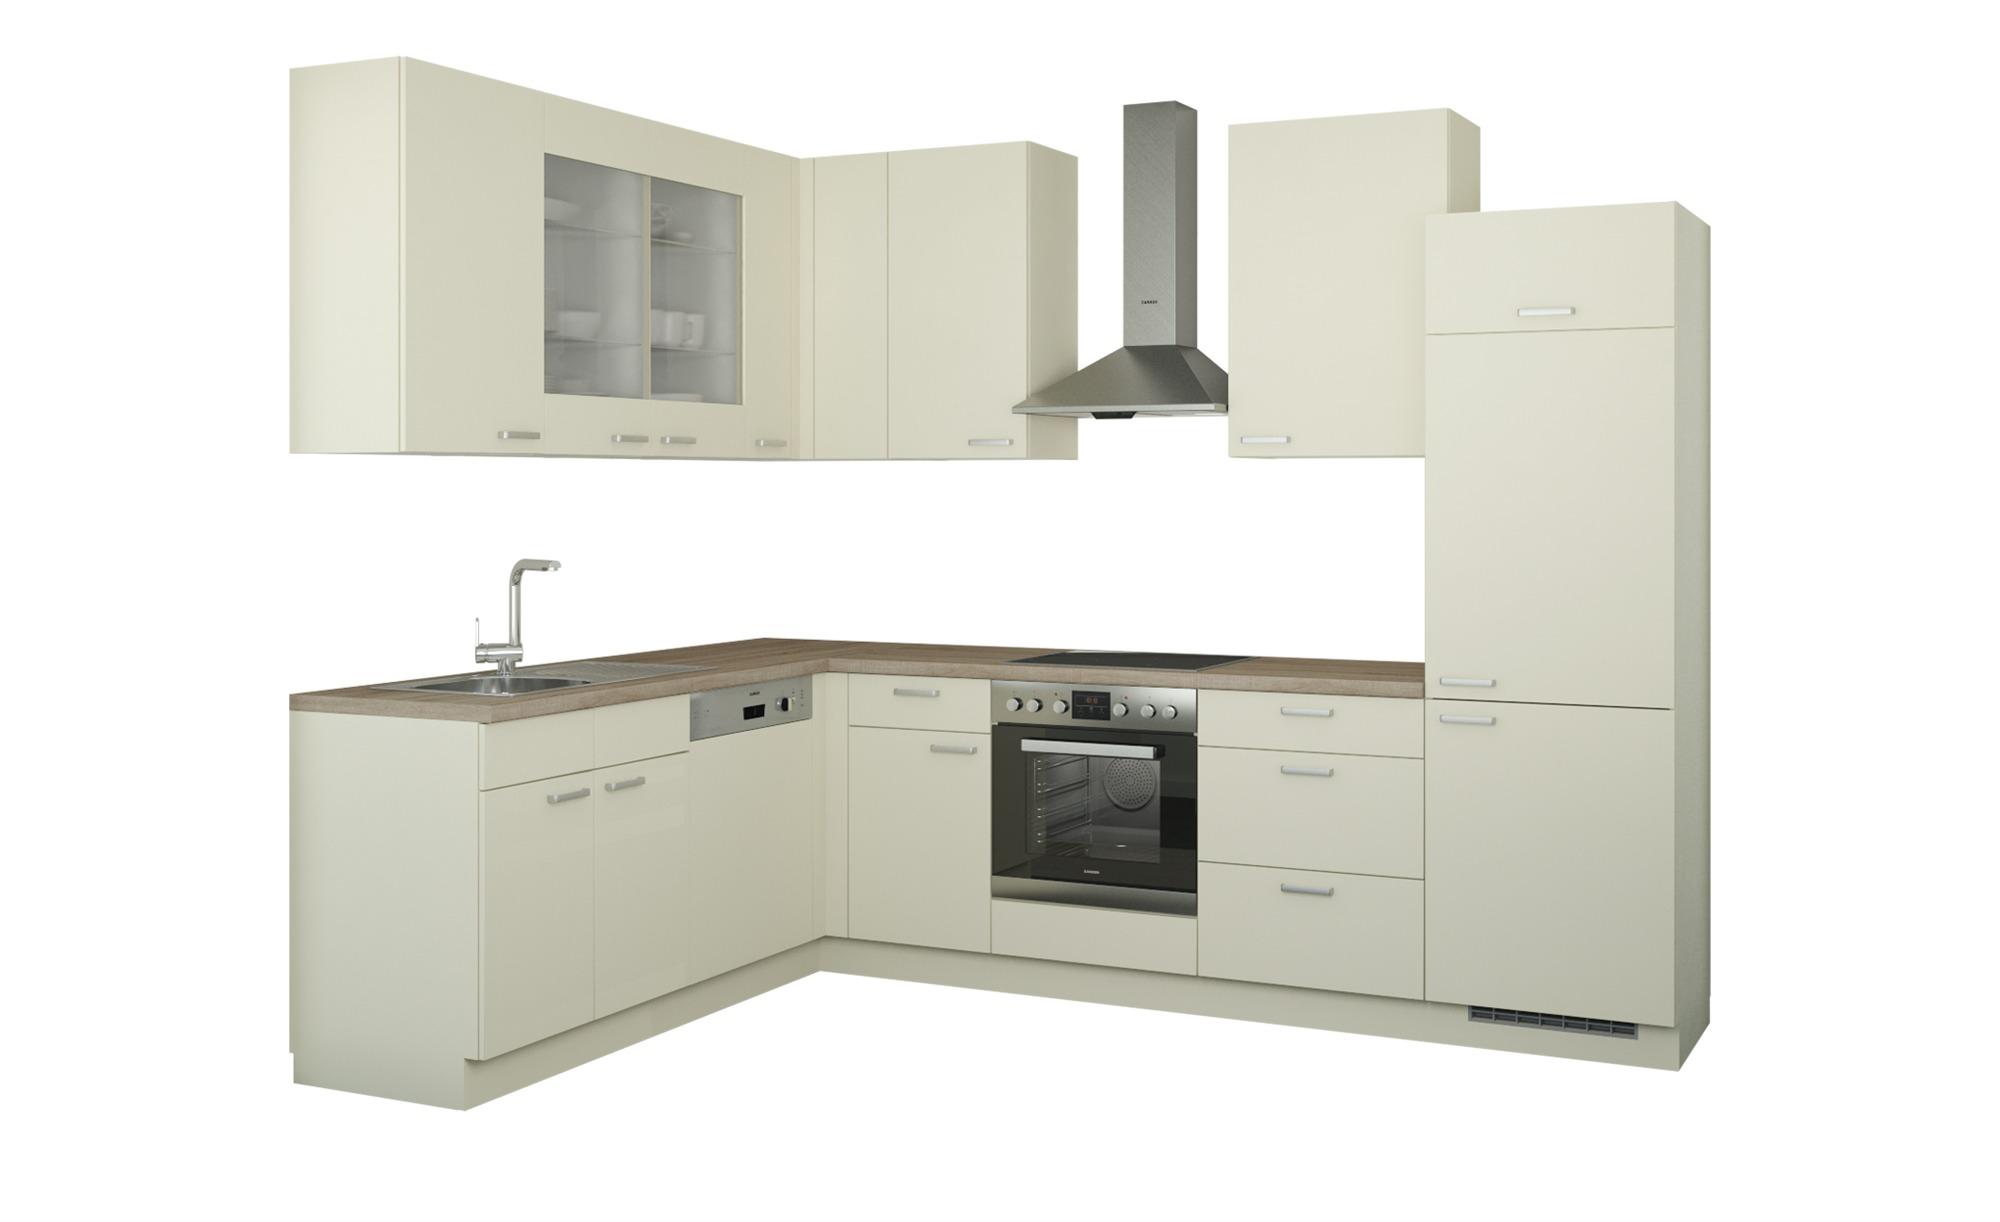 Winkelküche ohne Elektrogeräte  München ¦ creme Küchen > Küchenblöcke - Höffner | Küche und Esszimmer > Küchen | Möbel Höffner DE